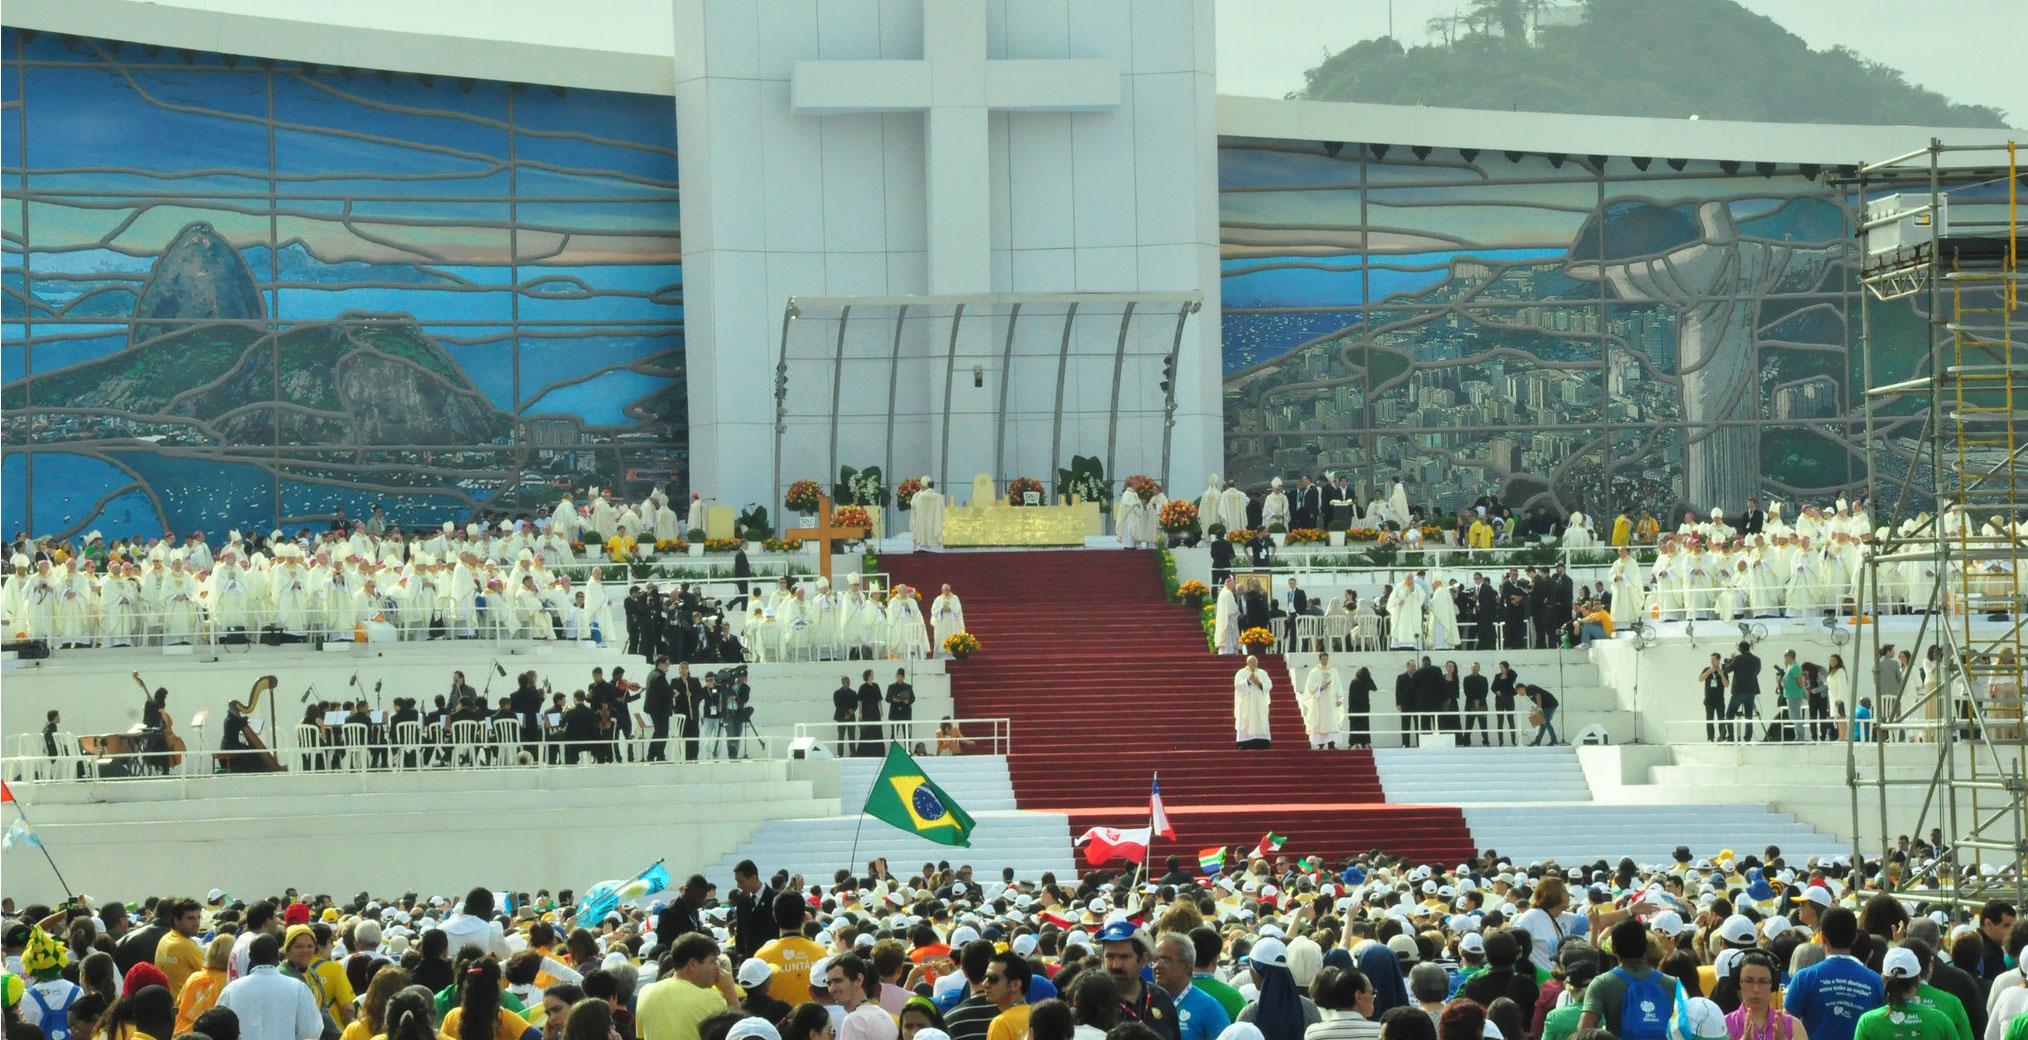 Eucaristía en la misa de clausura de la XXVIII Jornada Mundial de la Juventud que ha oficiado en la playa de Copacabana de Río de Janeiro